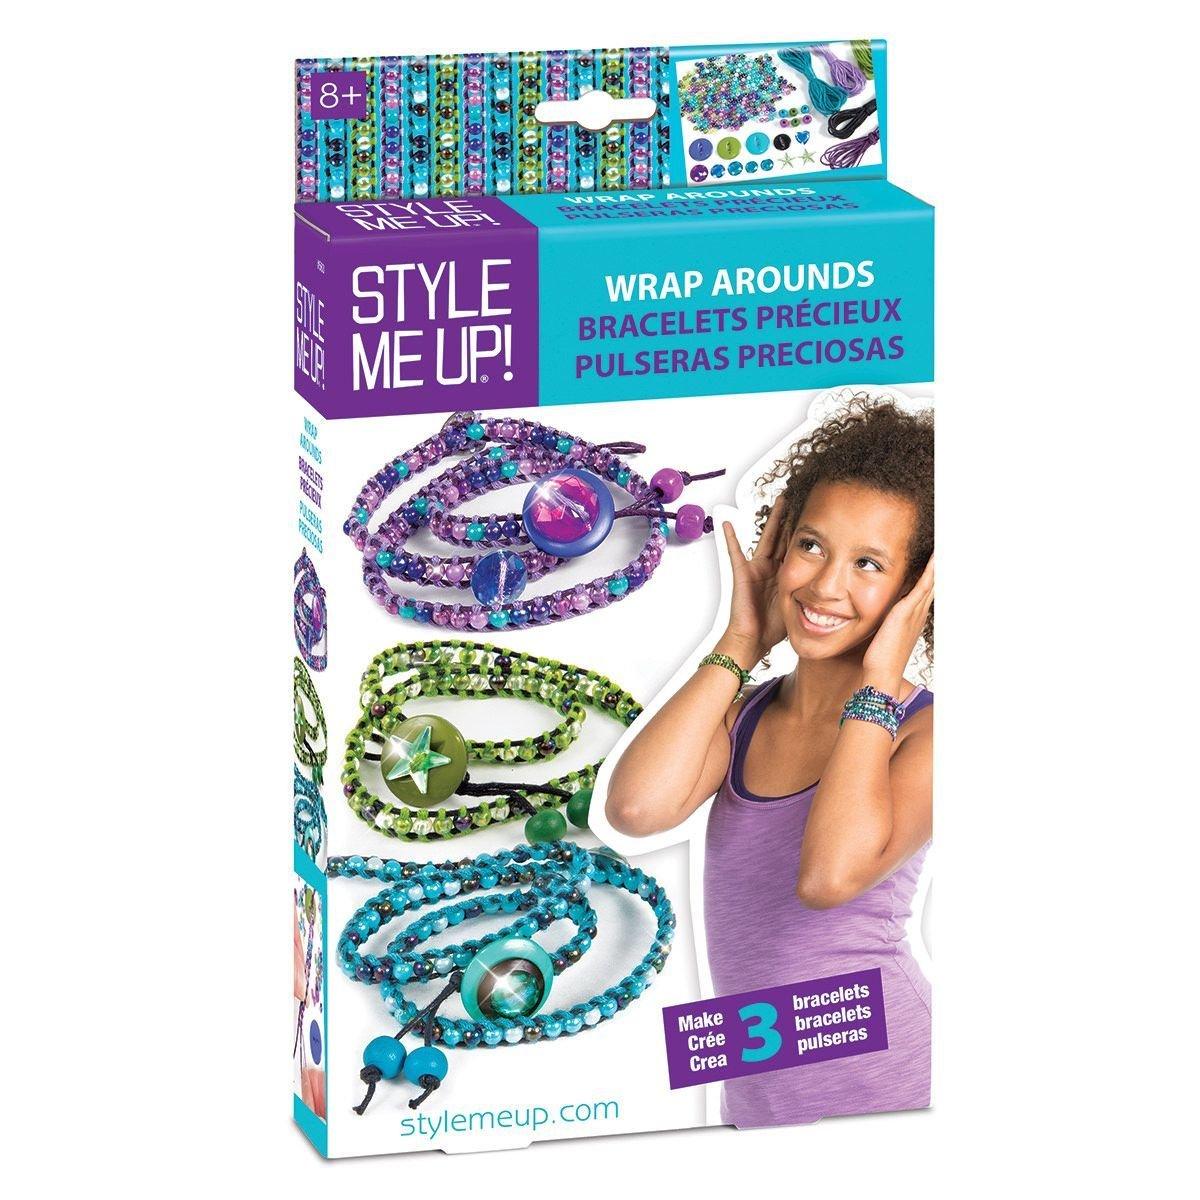 Wrap-Around Juegos creativos 00563 Pulseras peque/ña Caja Estilo ME UP